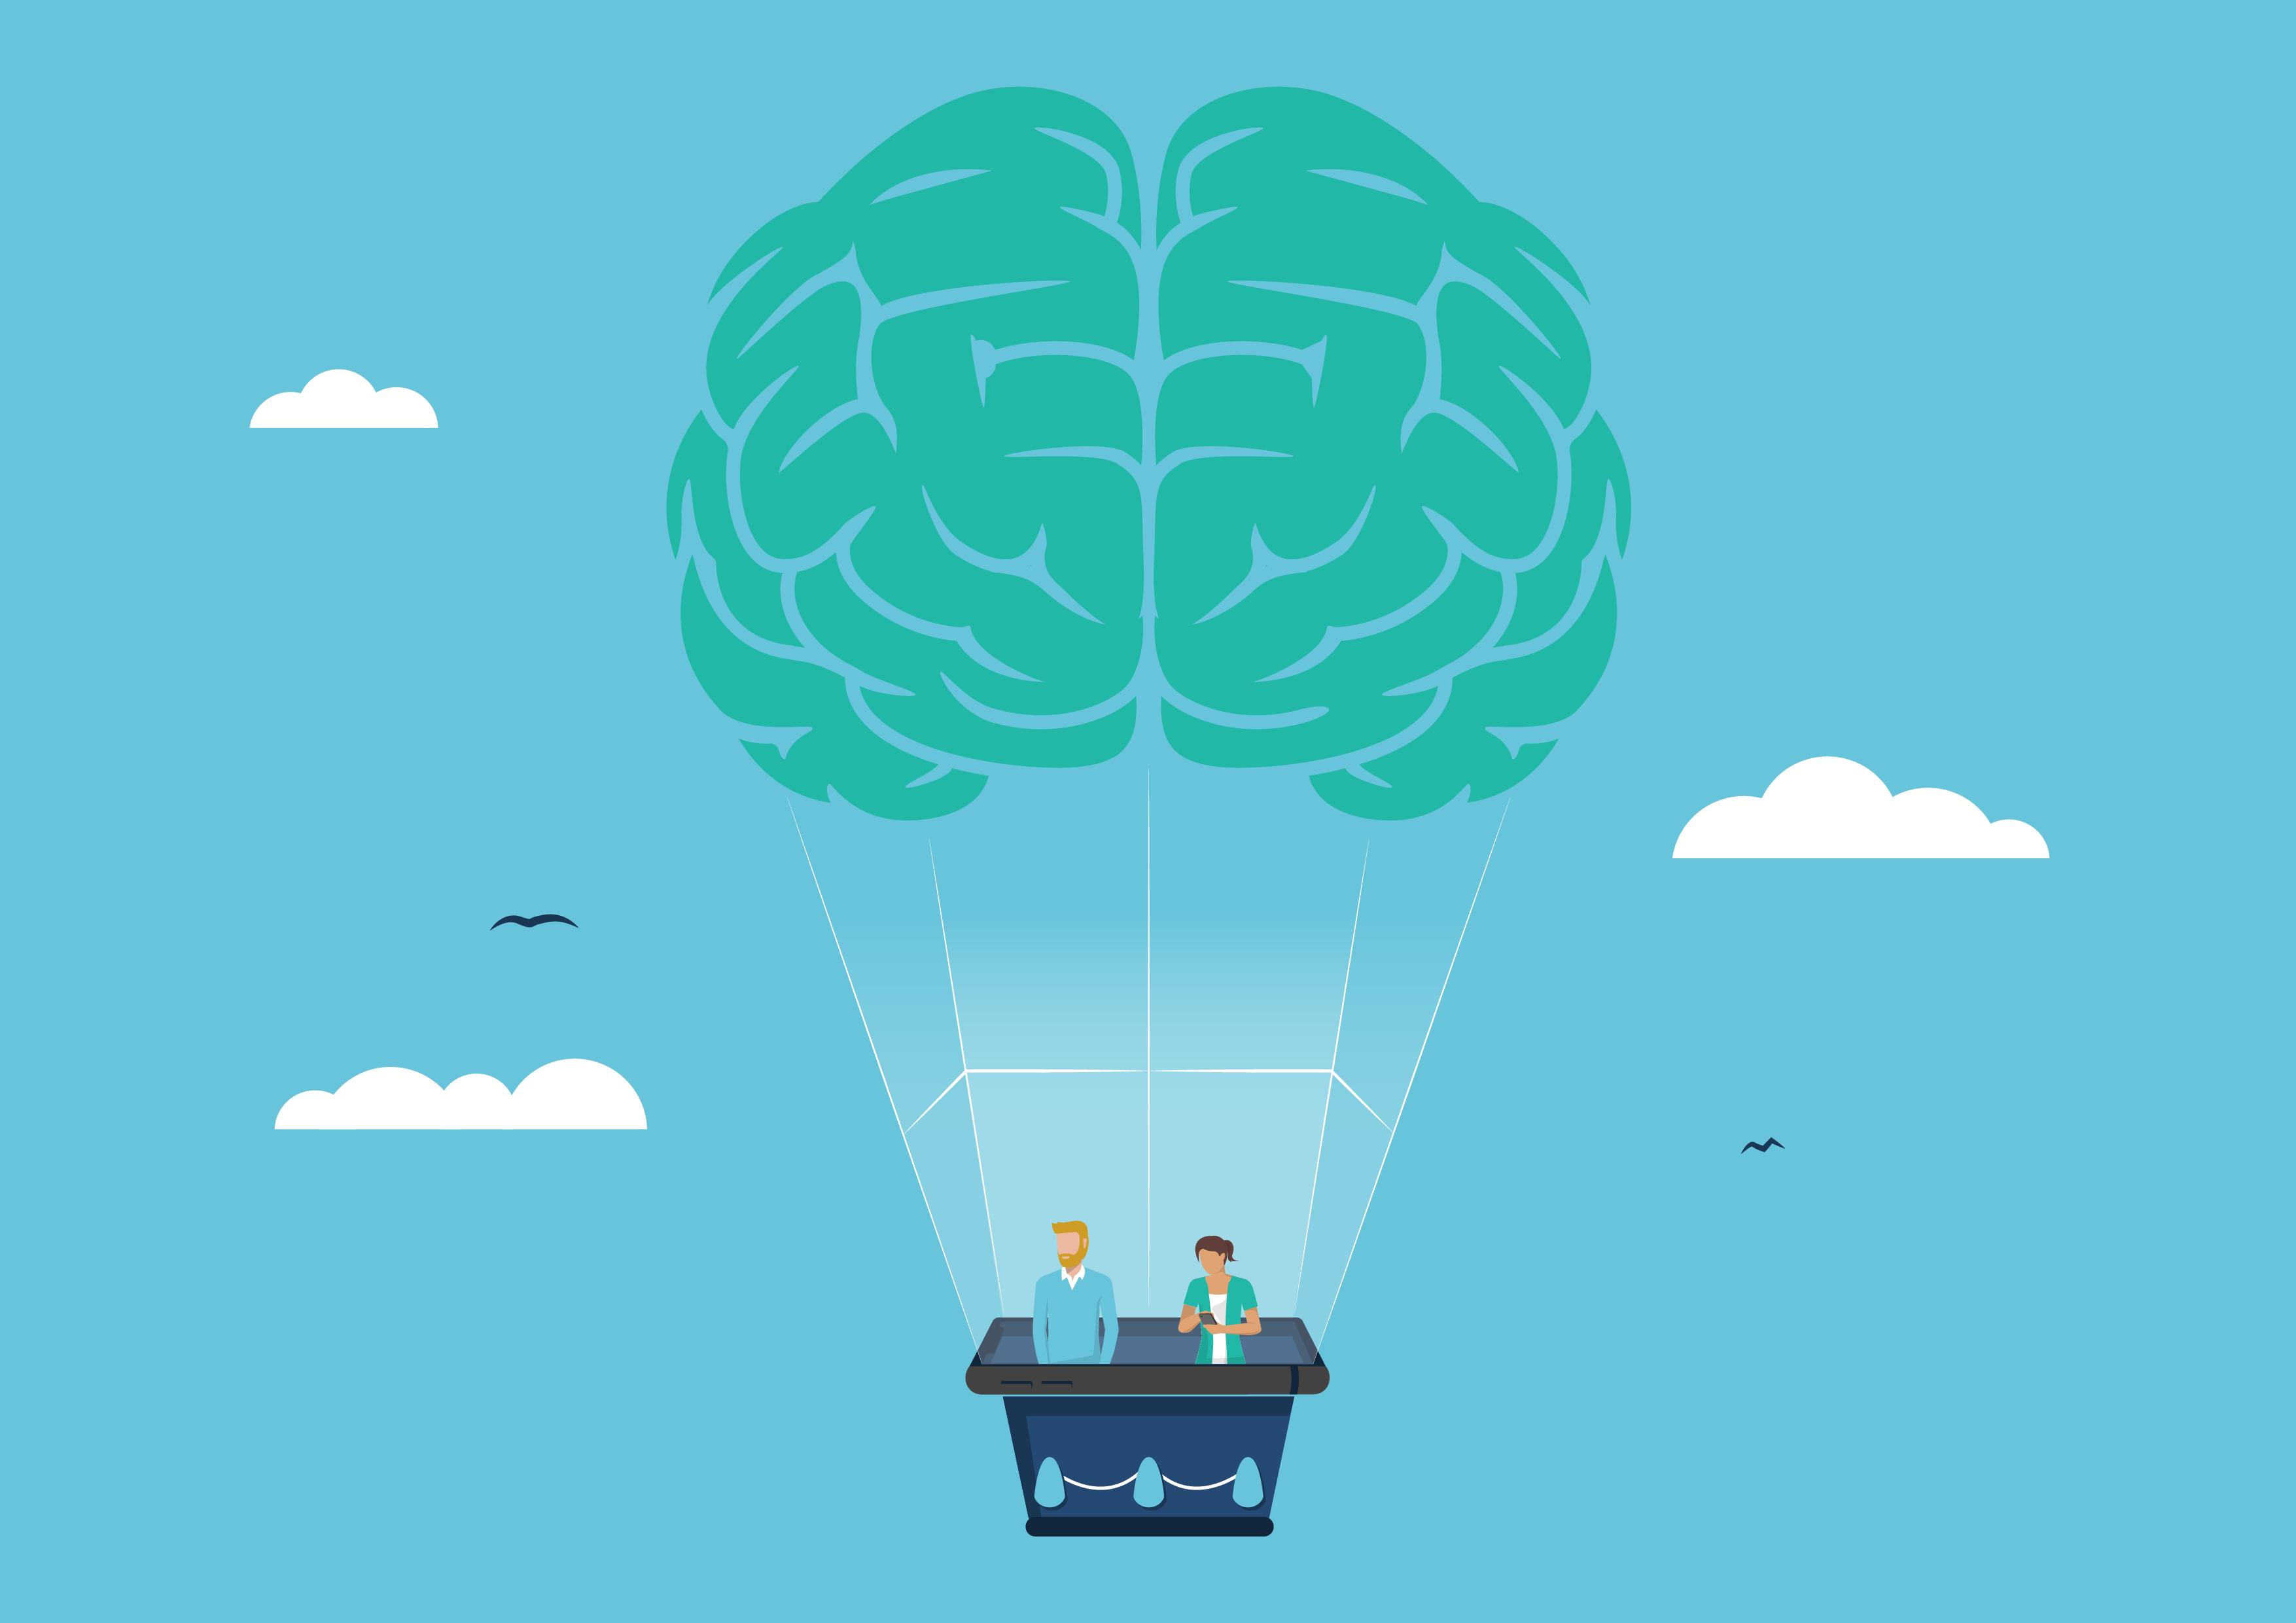 تنها در 30 روز مغز خود را به ابر مغز تبدیل کنید